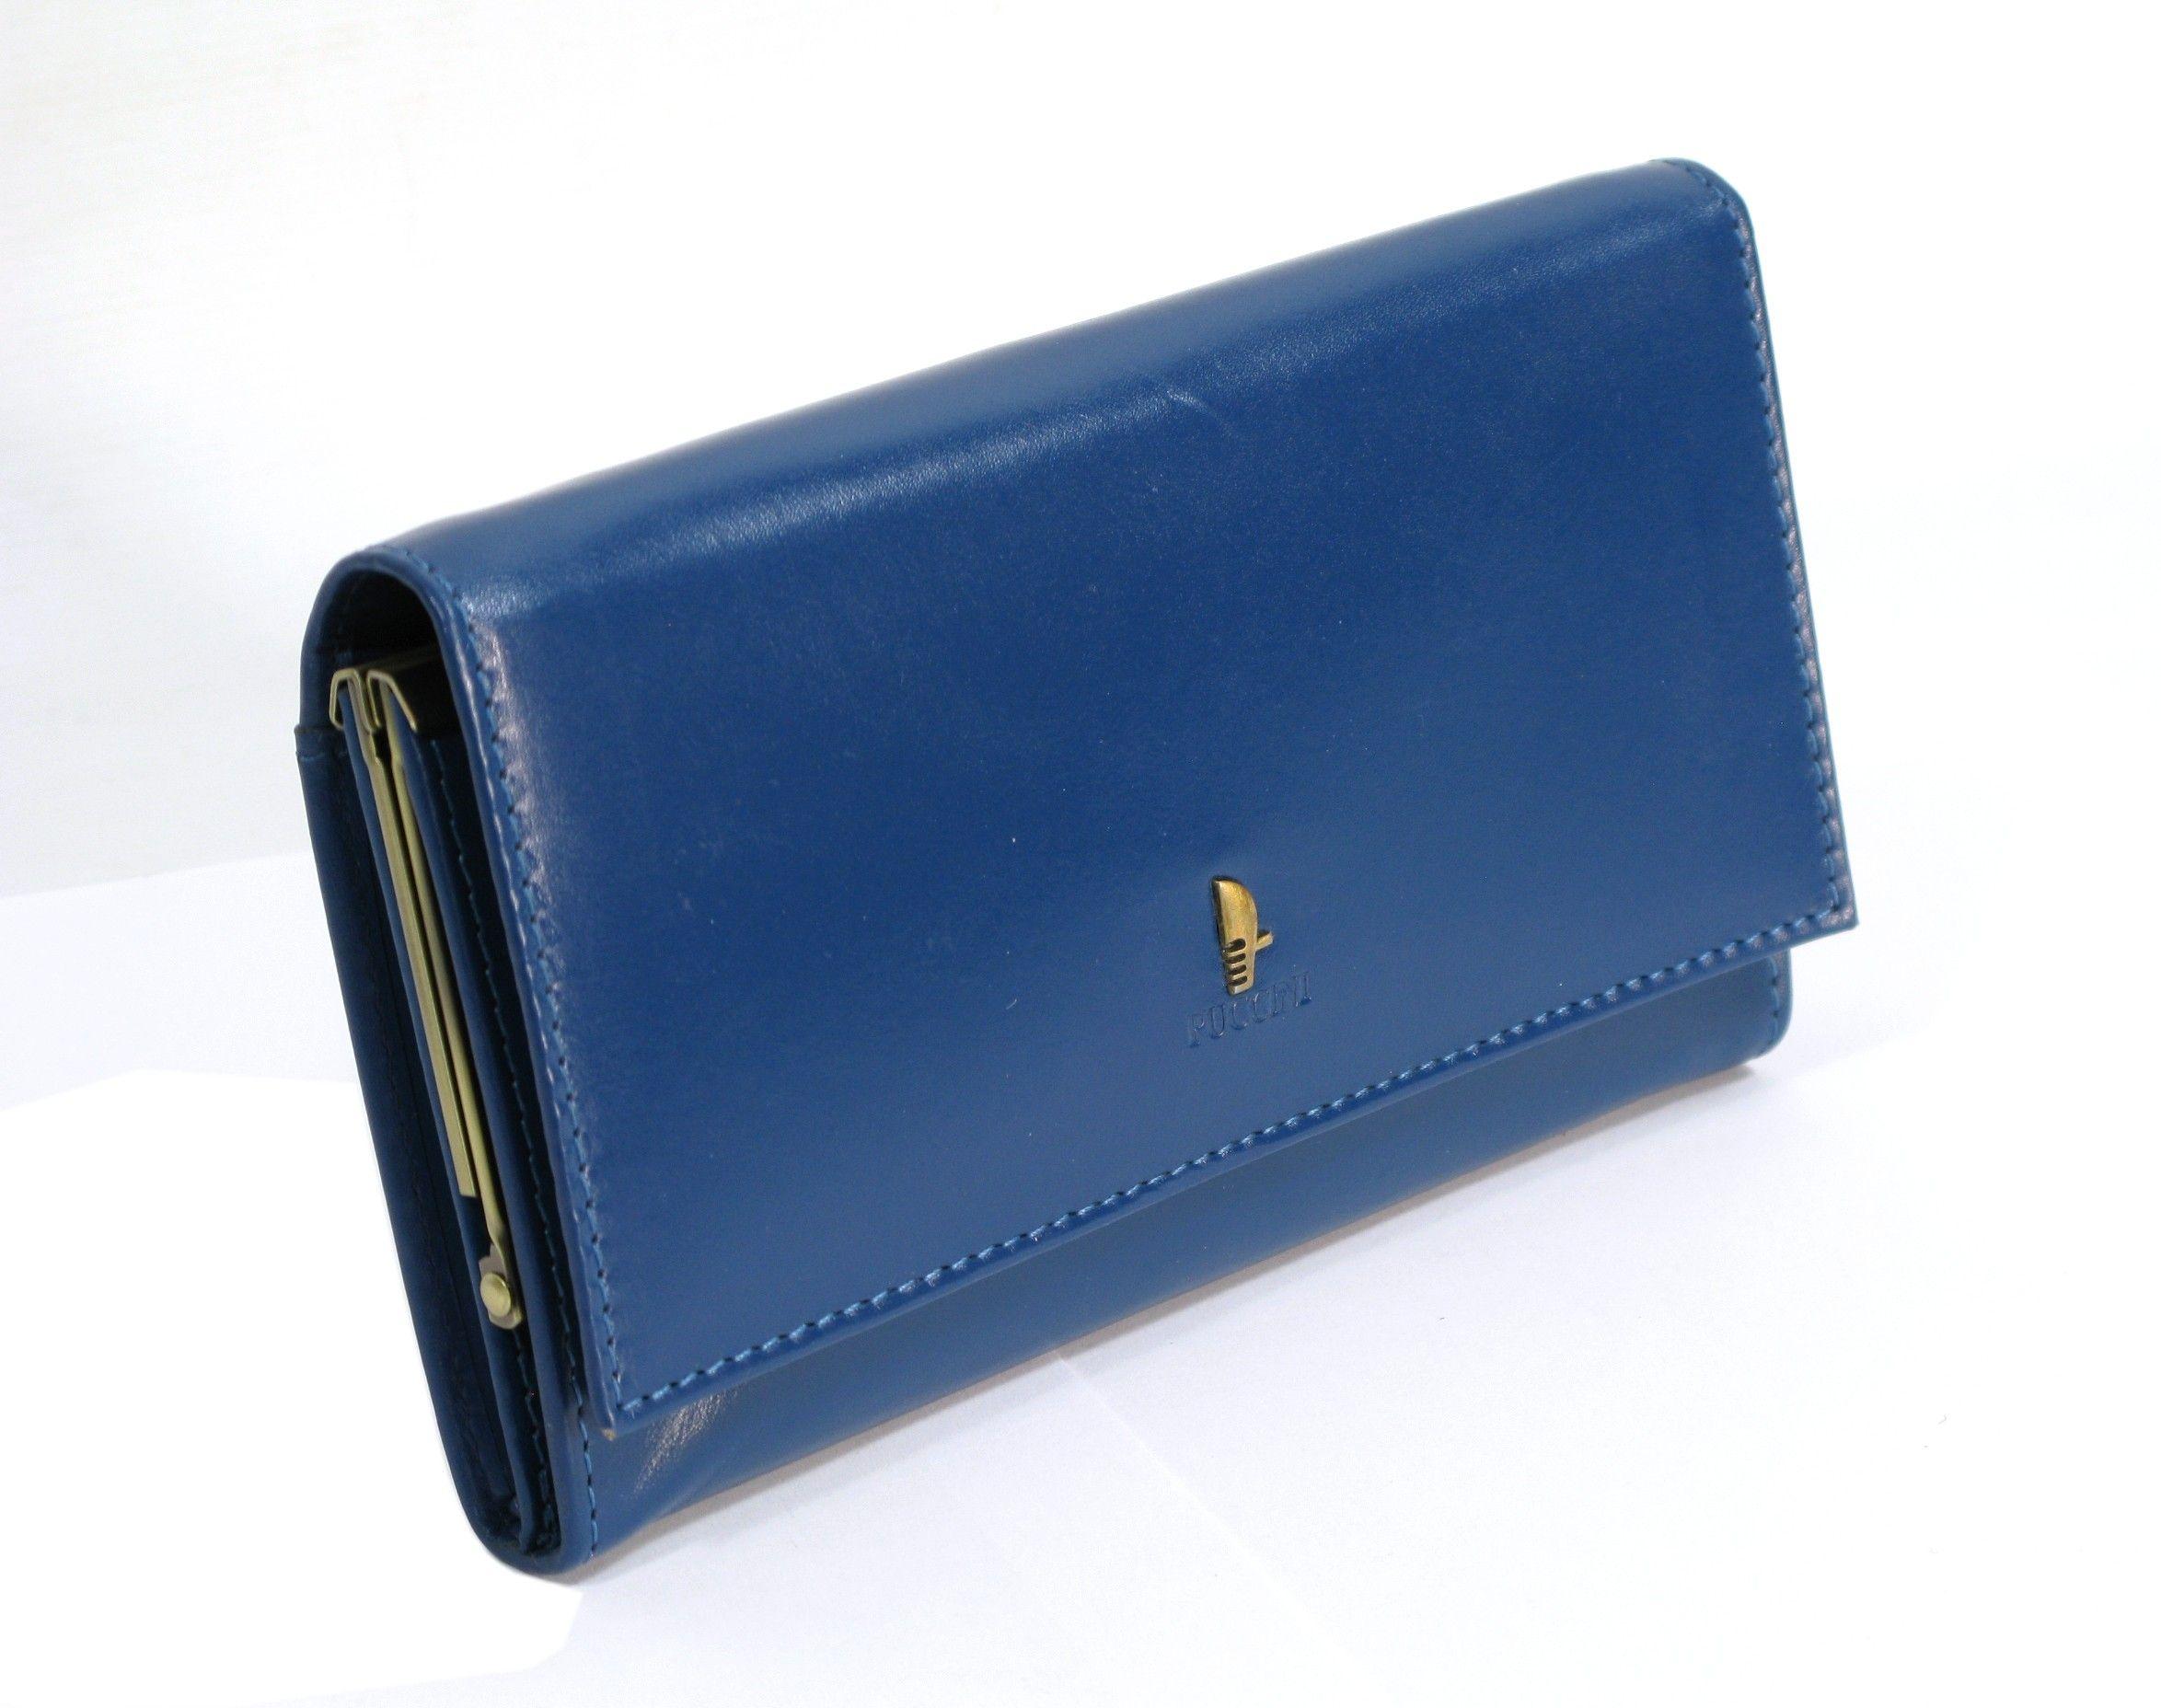 6007777cba1dd Damski portfel skórzany PUCCINI P-1704 w kolorze niebieskim ...